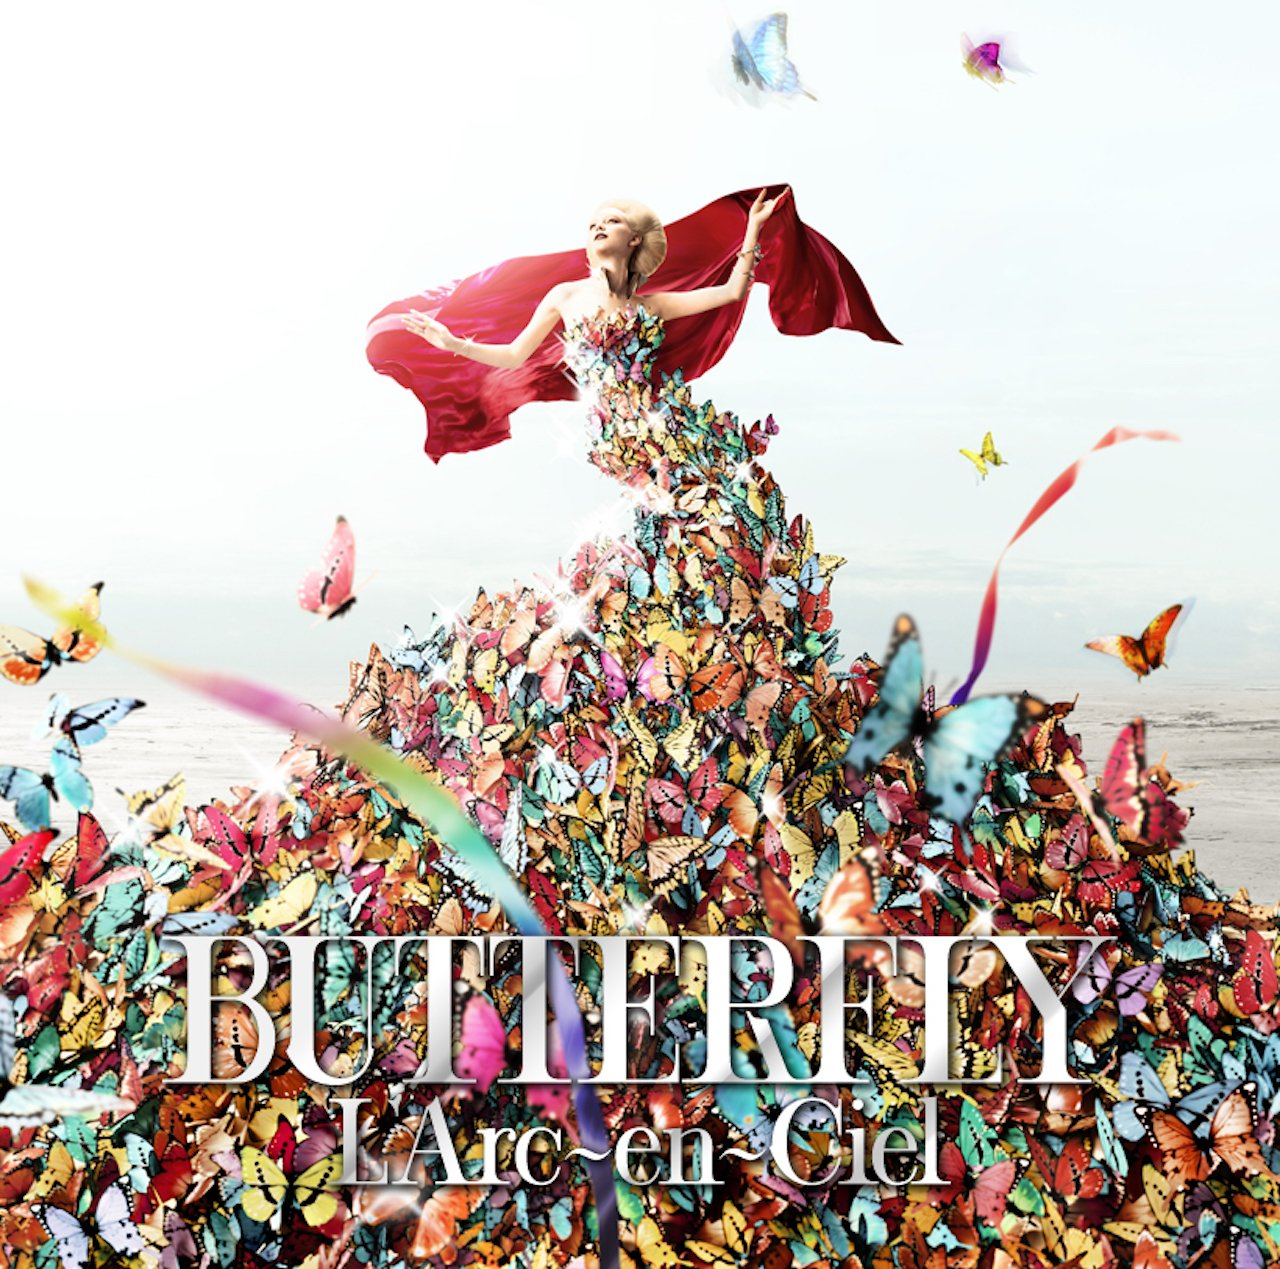 L'arc-en-ciel – Butterfly